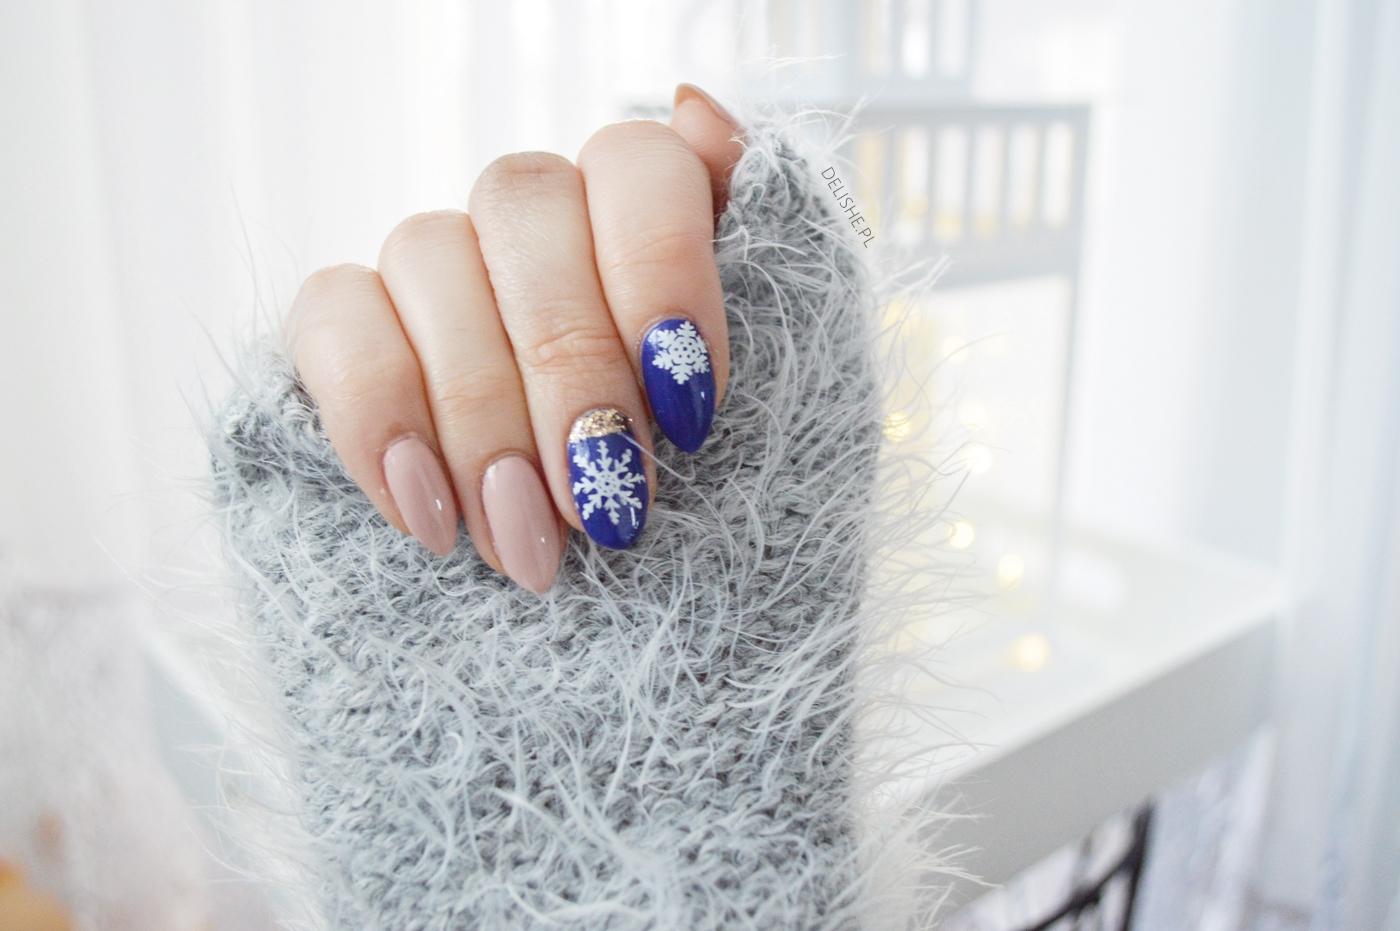 płatki śniegu na paznokciach manicure